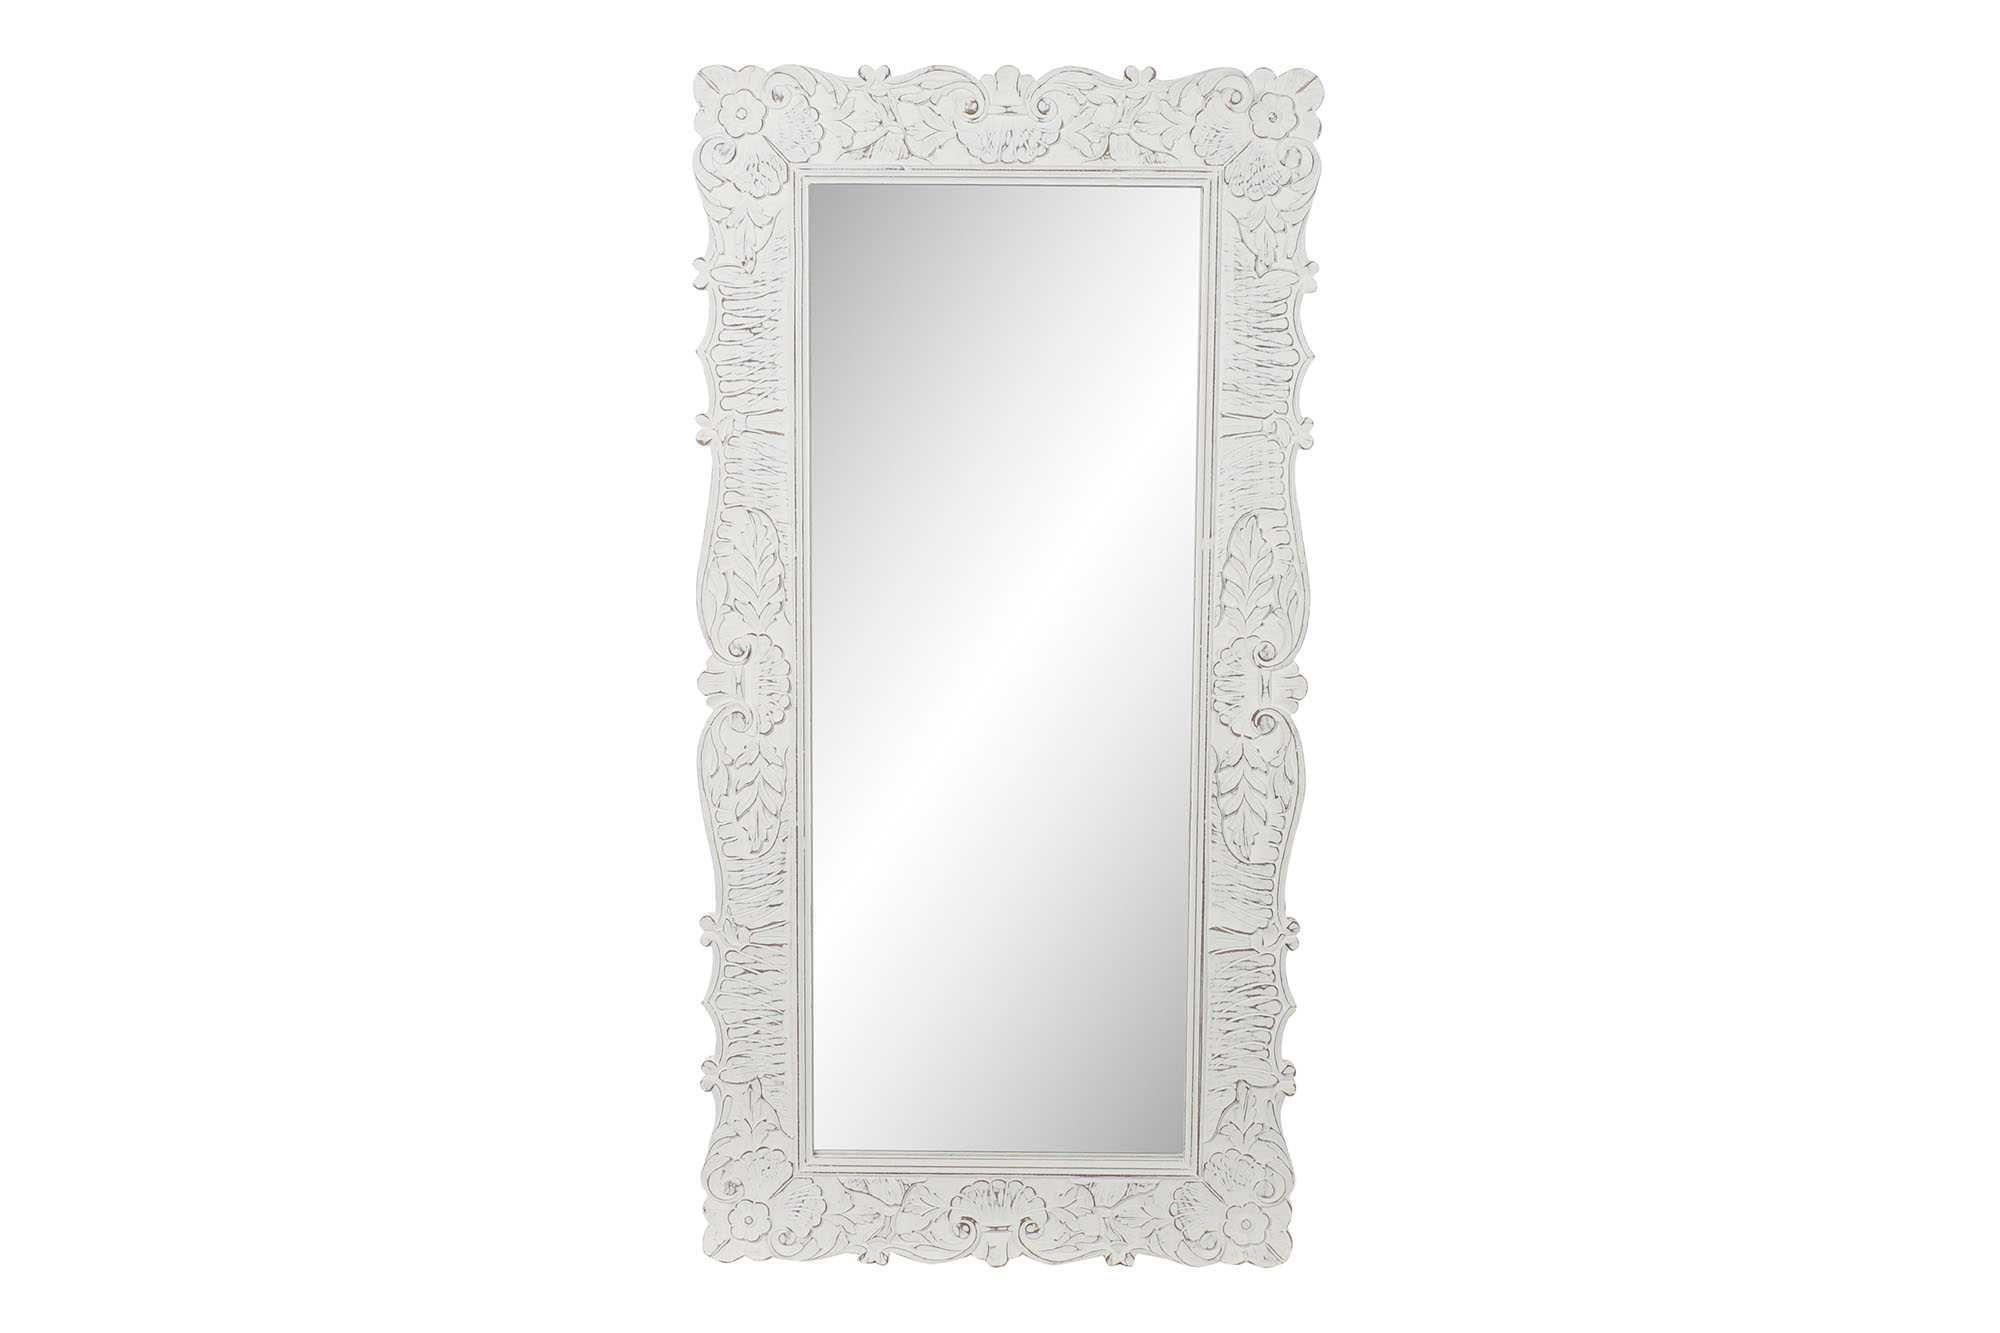 Espelho oriental decape branco de madeira 183X3X91cm By Arcoazul